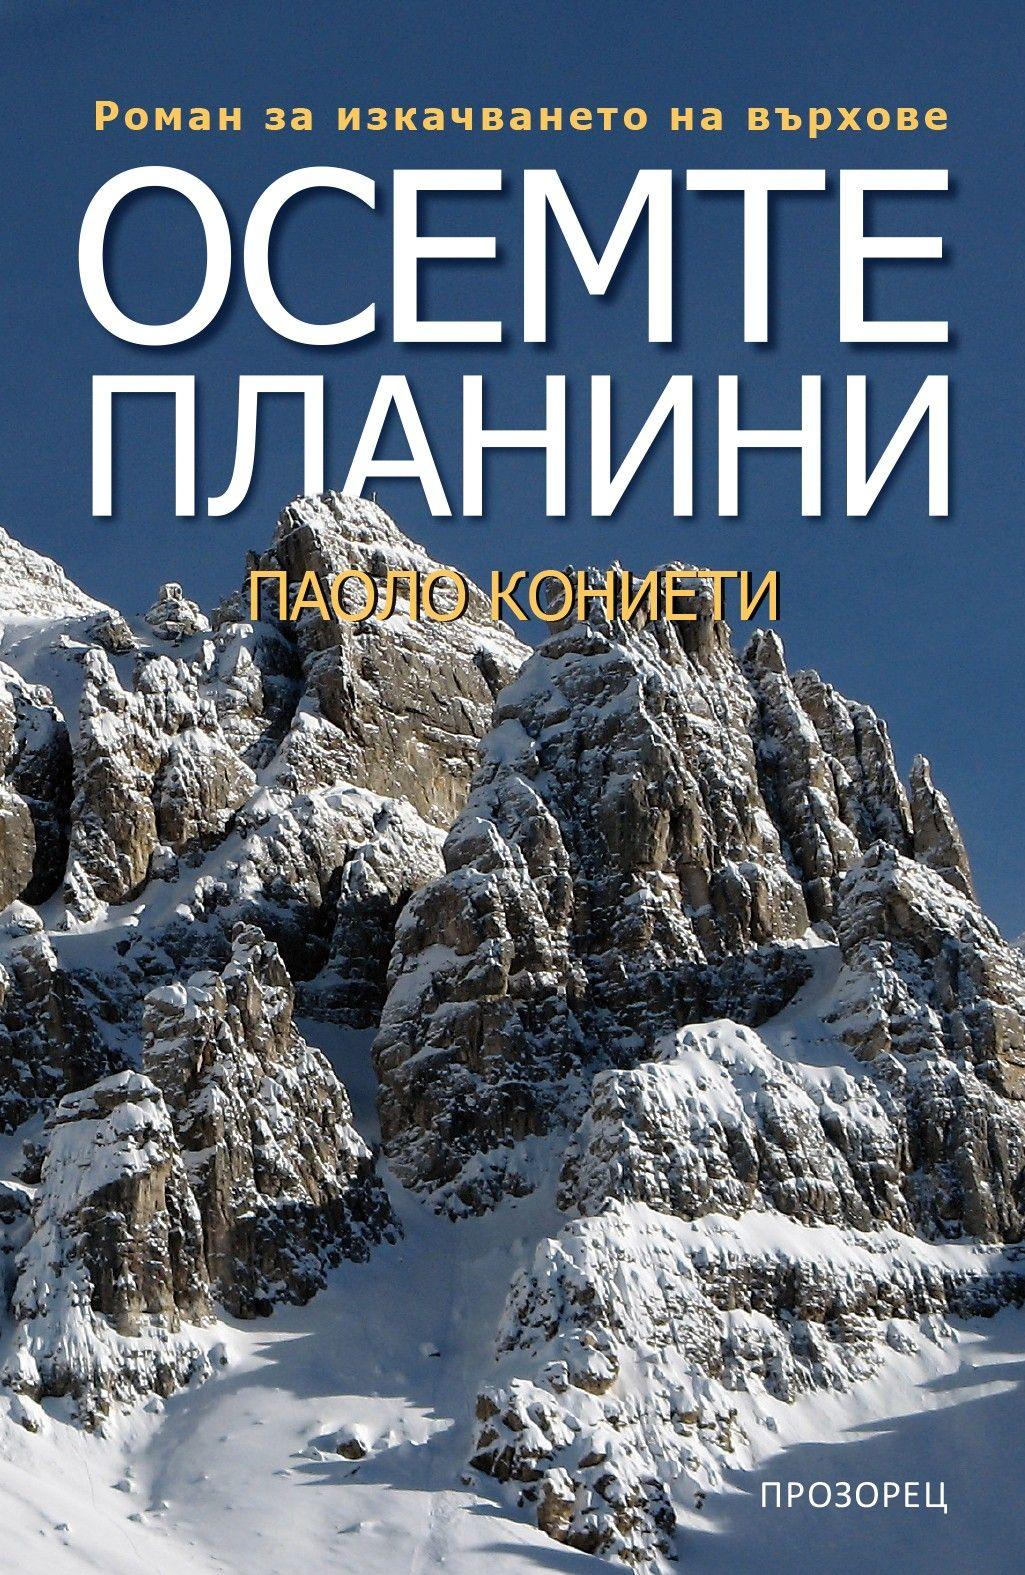 Осемте планини - 1